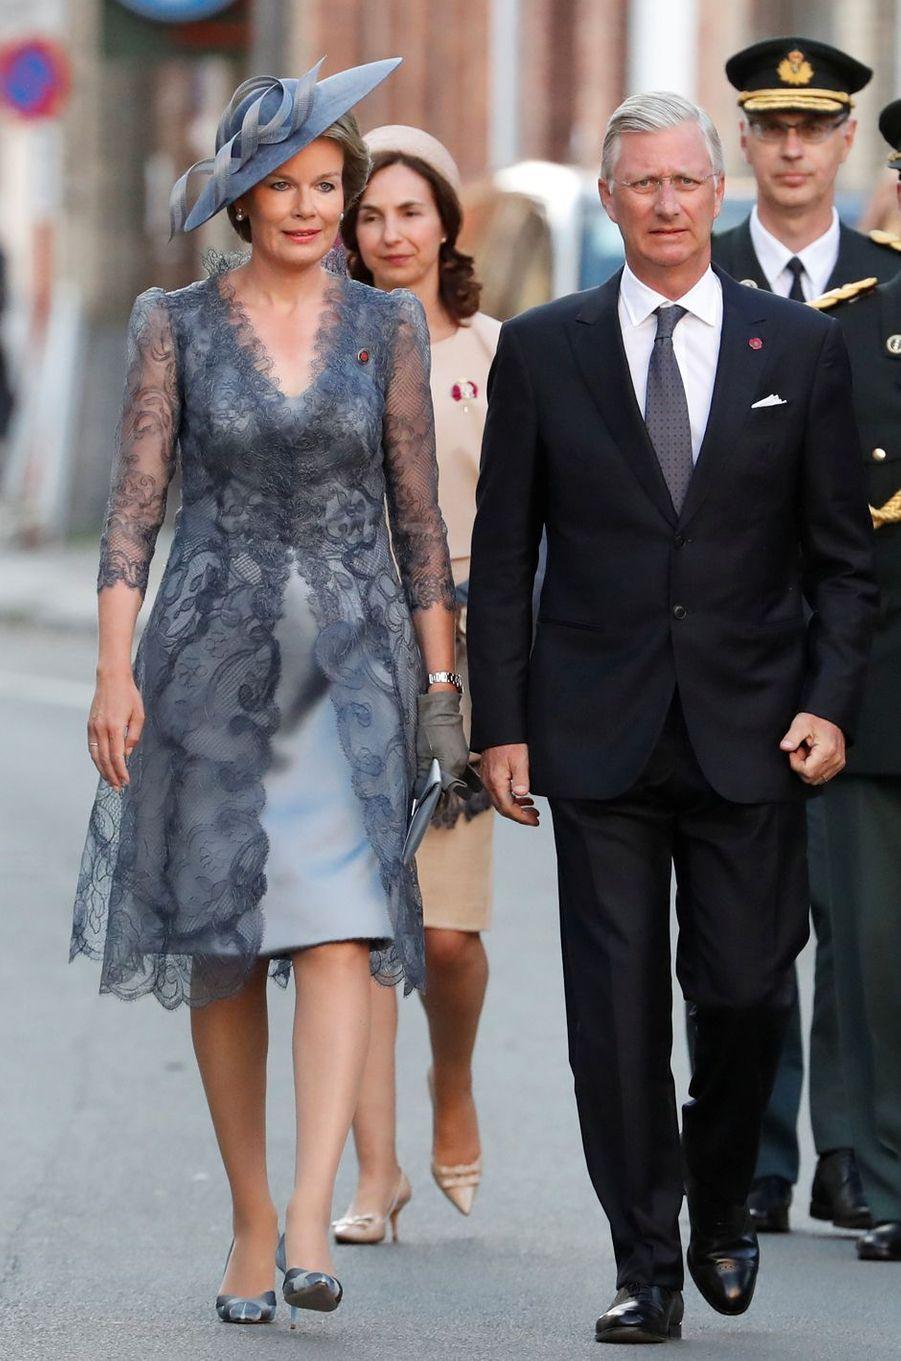 La reine Mathilde et le roi Philippe de Belgique à Ypres le 30 juillet 2017